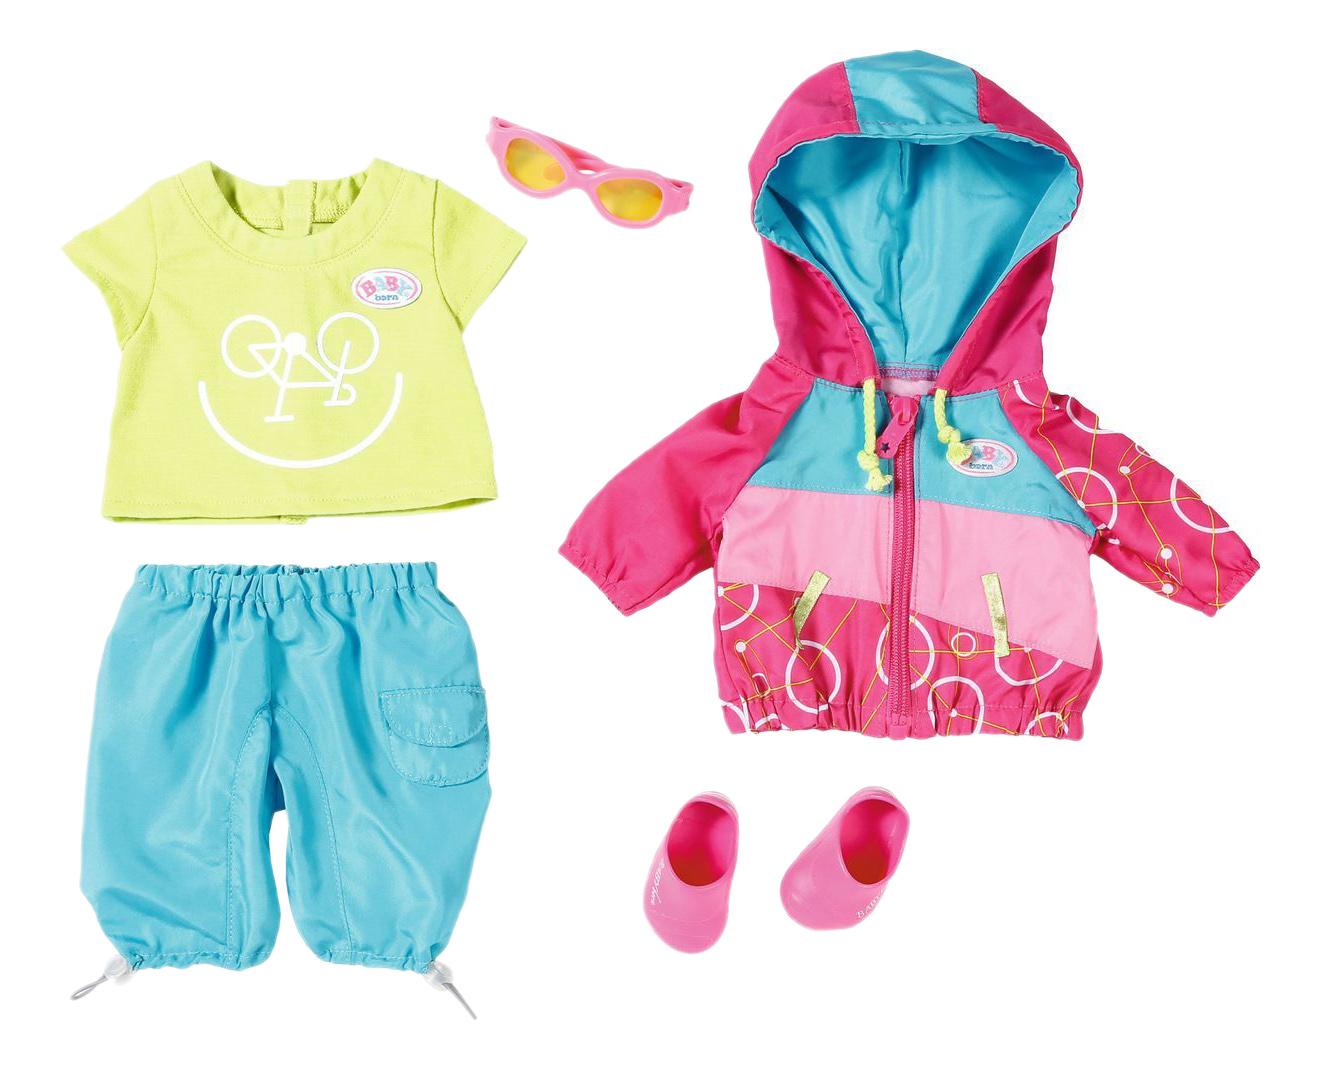 Комплект одежды Zapf Creation для велопрогулки